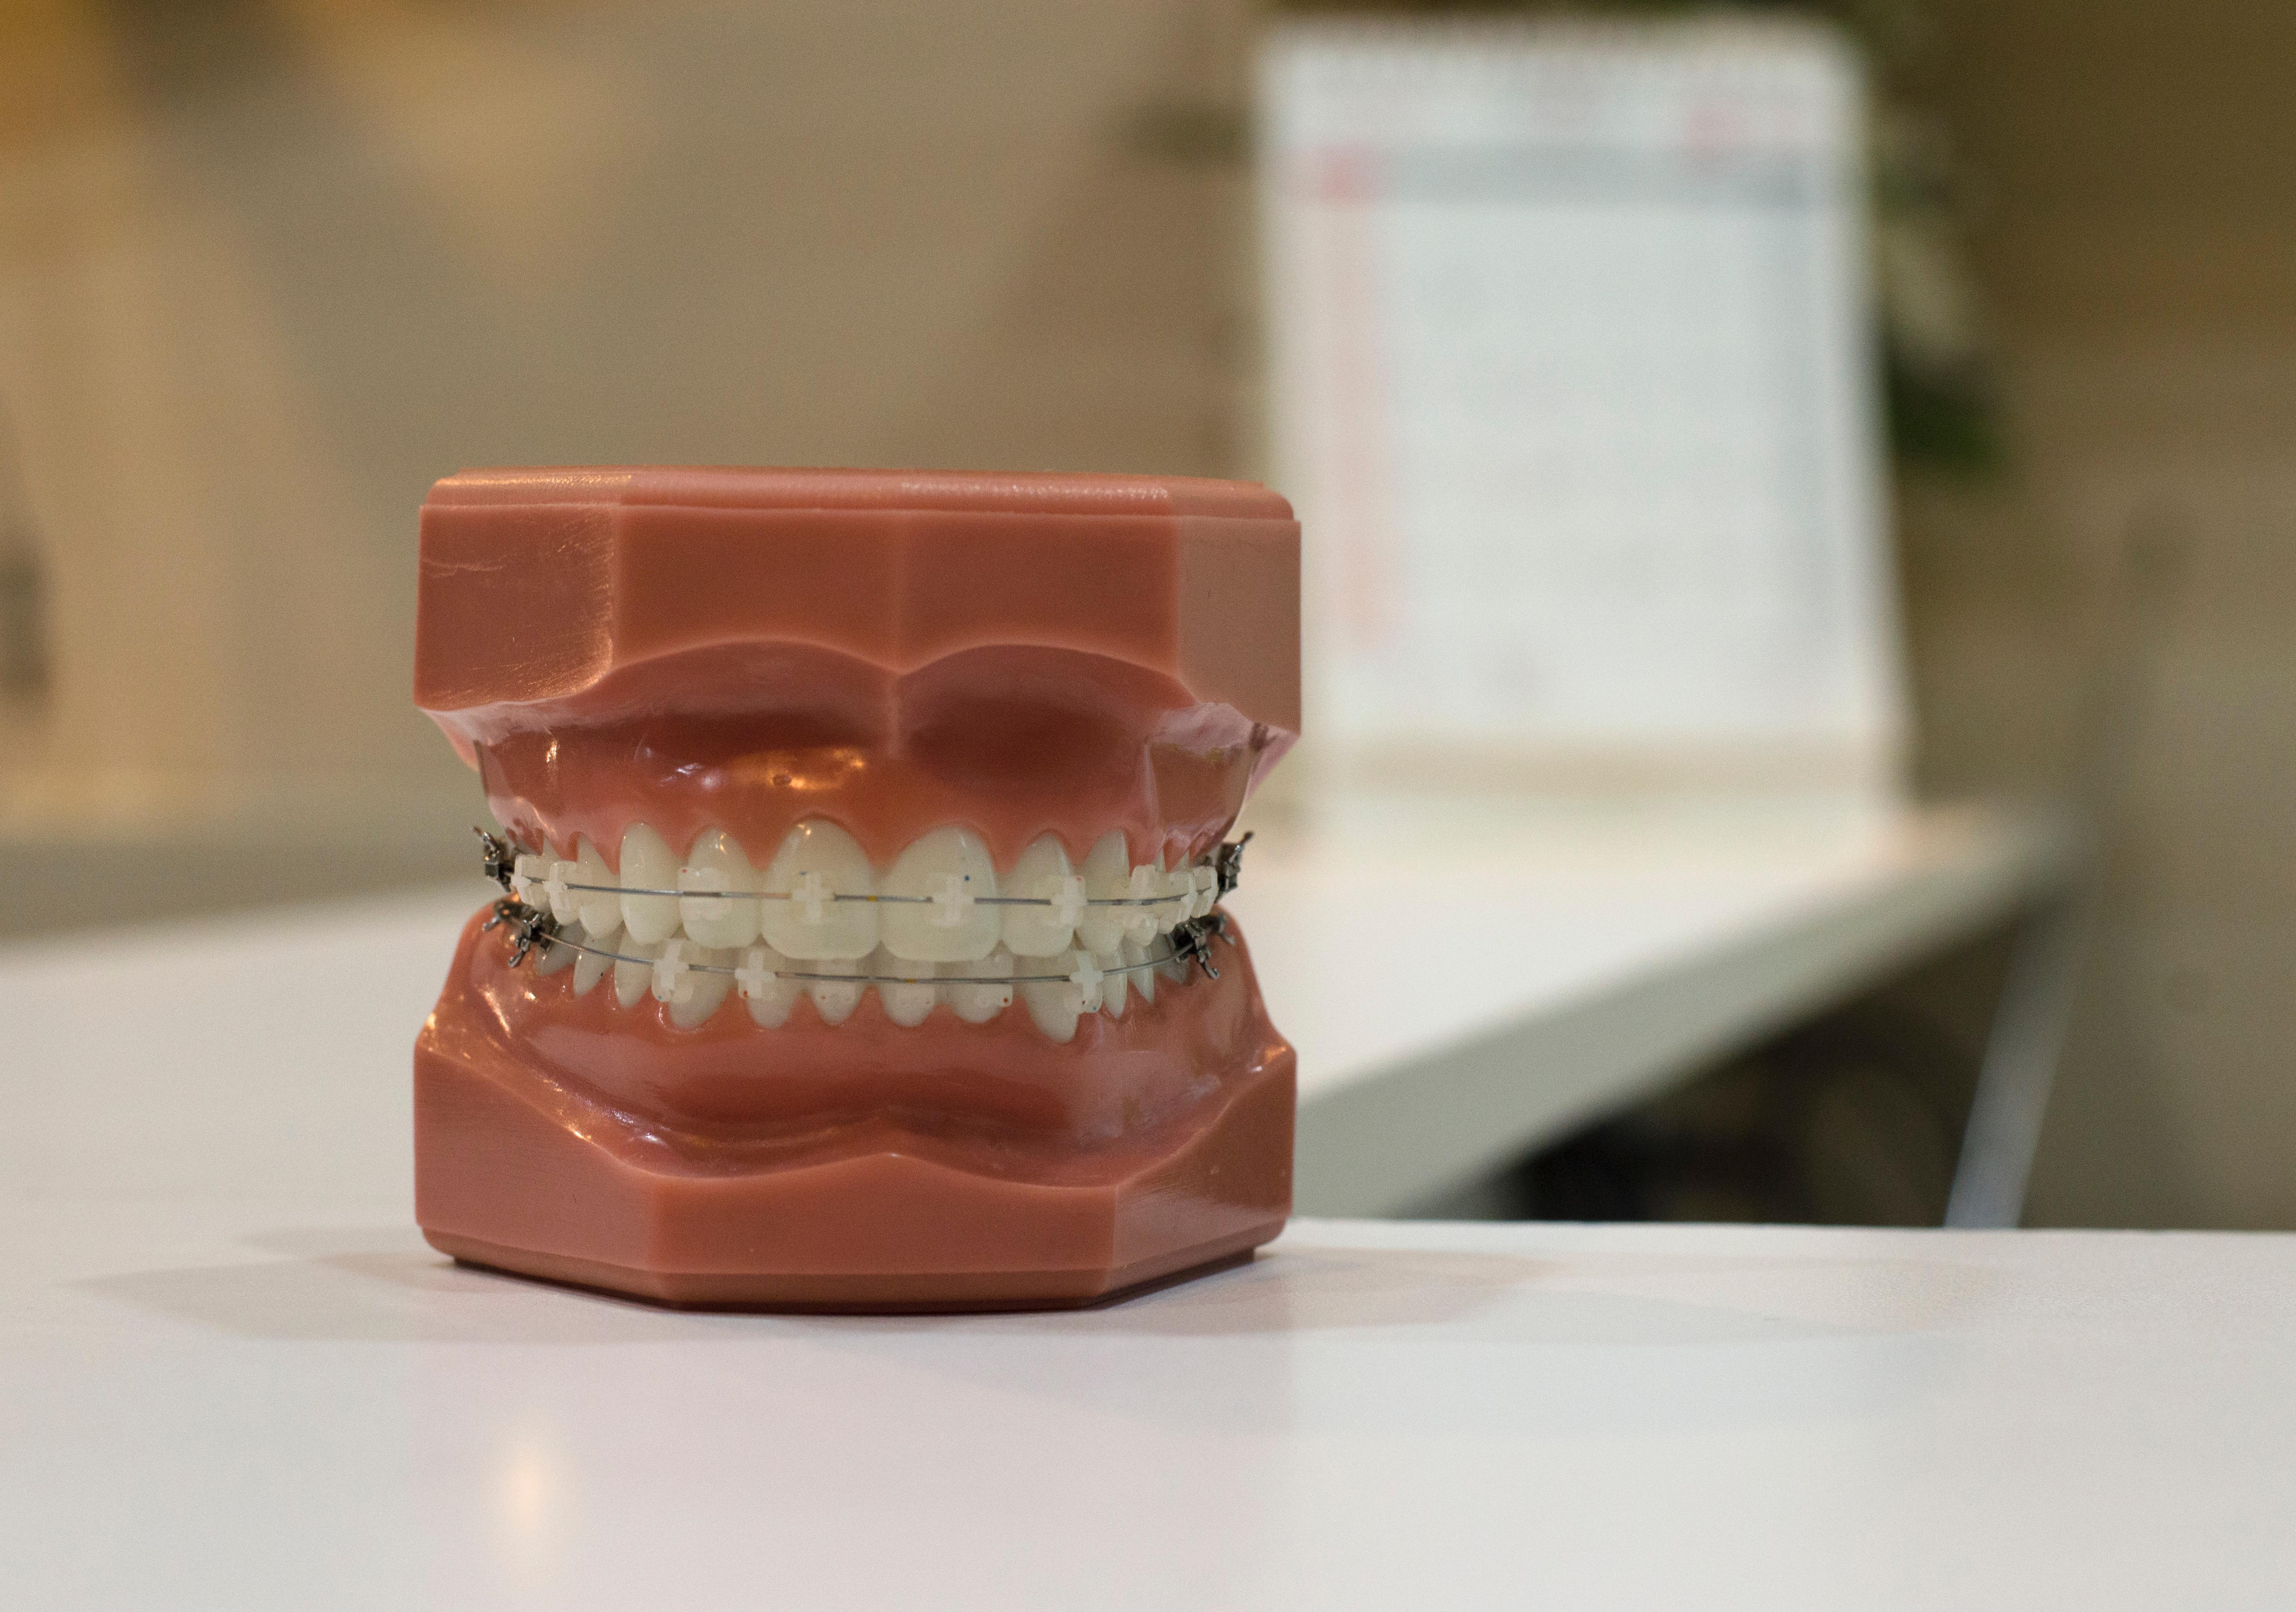 Dentistry jute bags